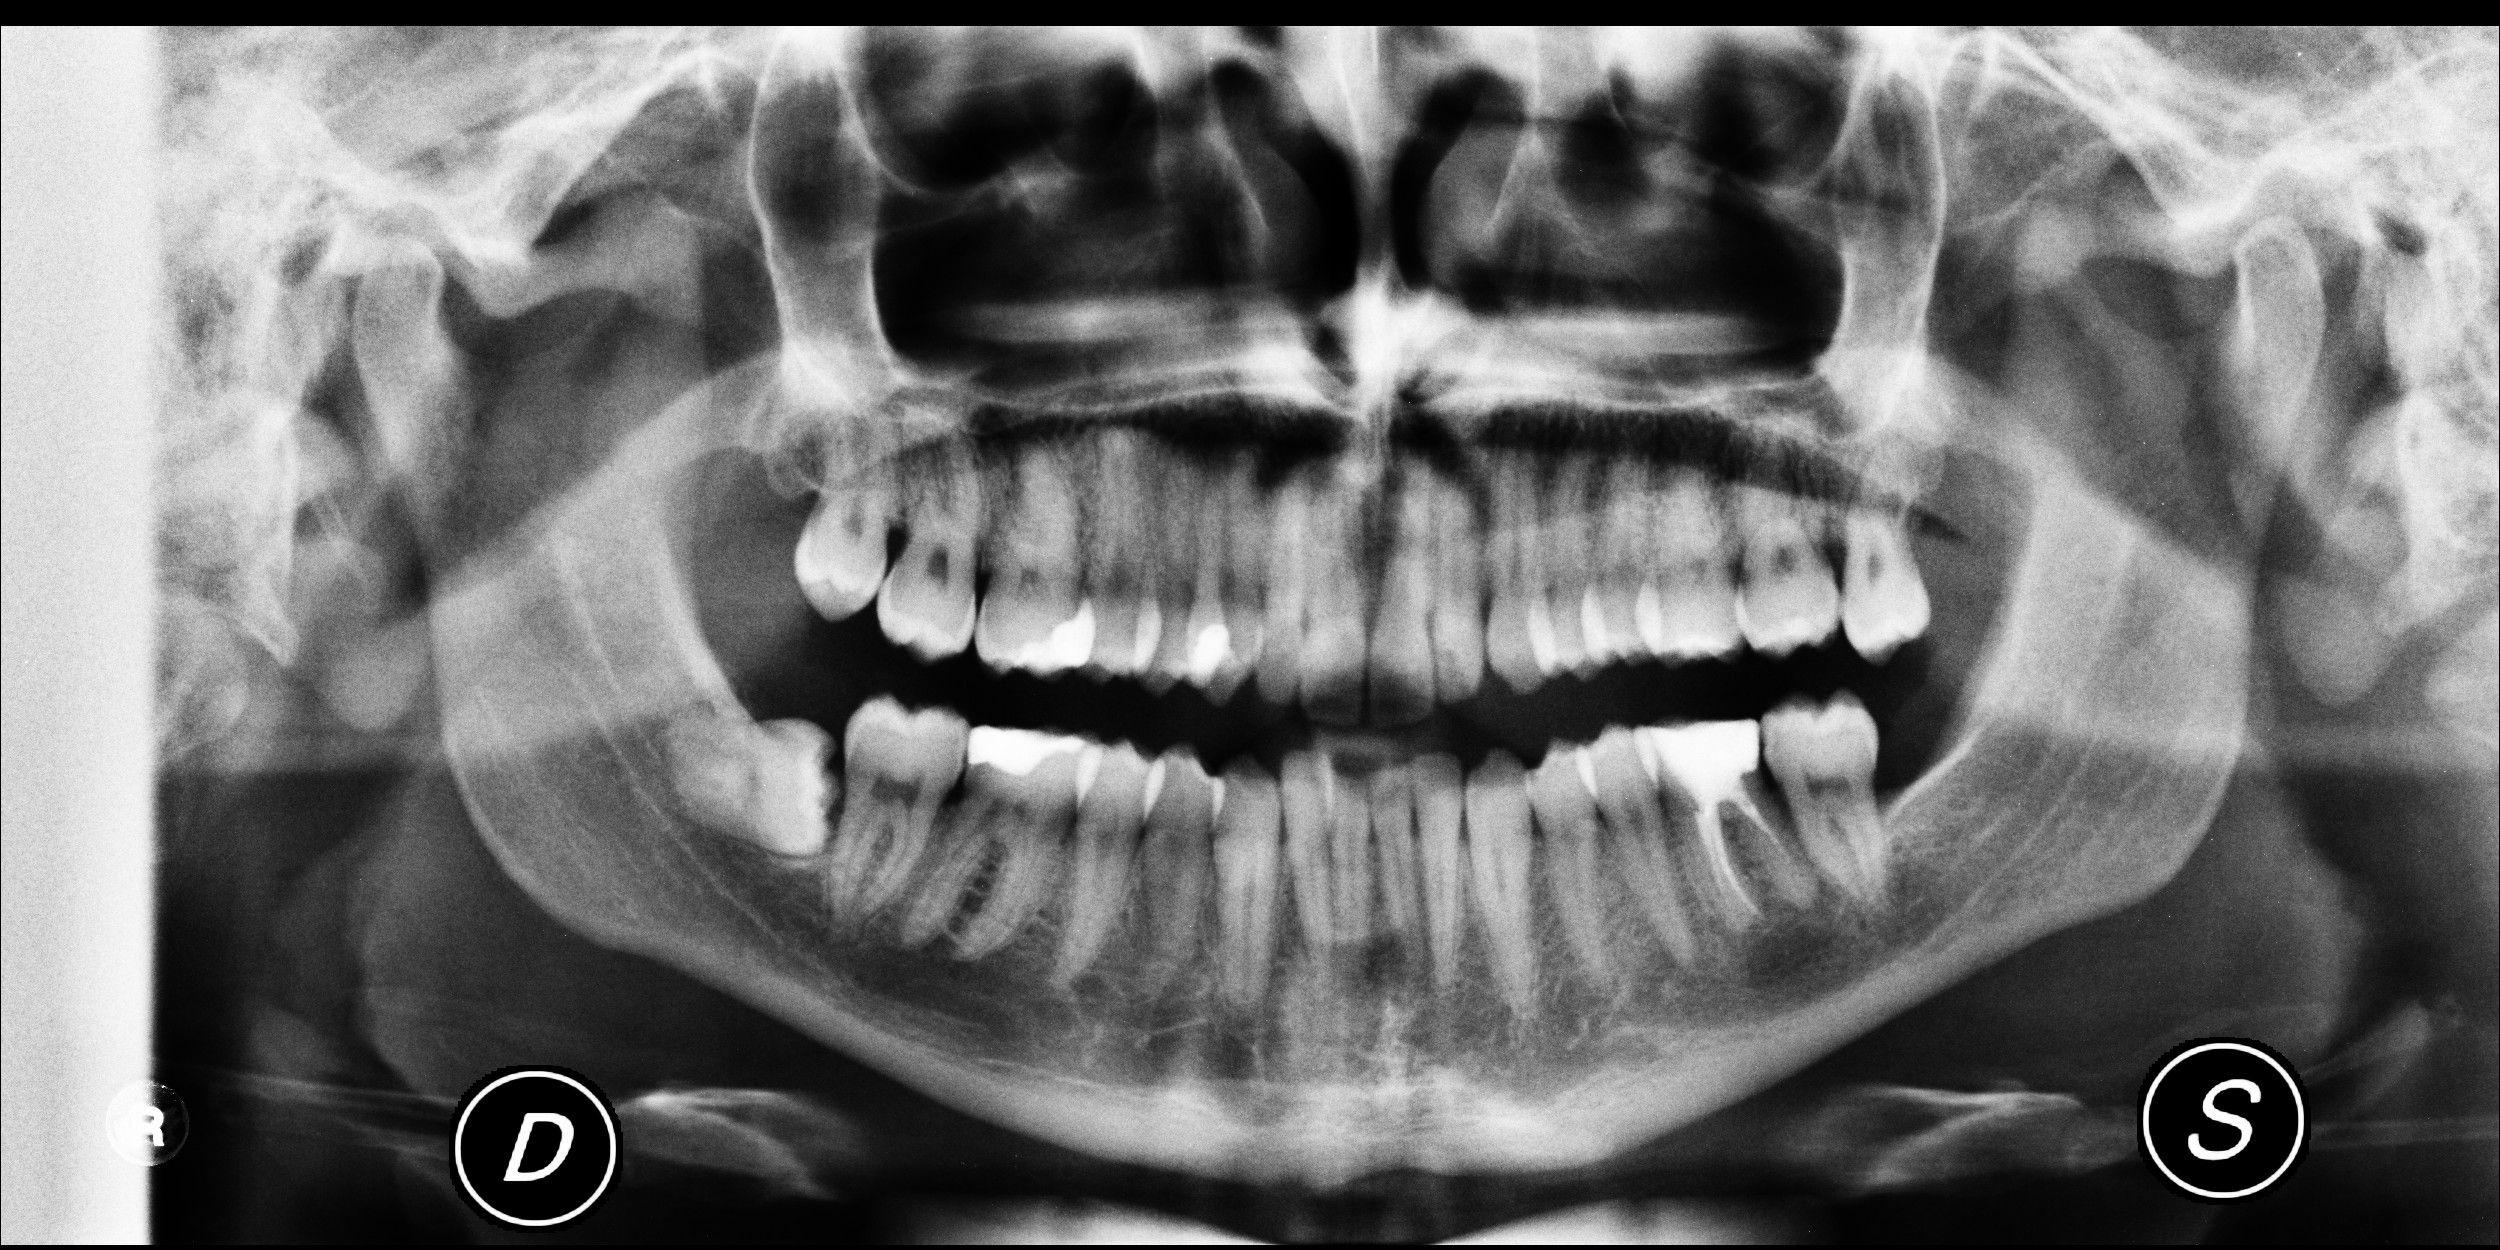 SEGUITO ALLA DOMANDA: Acufeni. Può dipendere dal dente del giudizio?